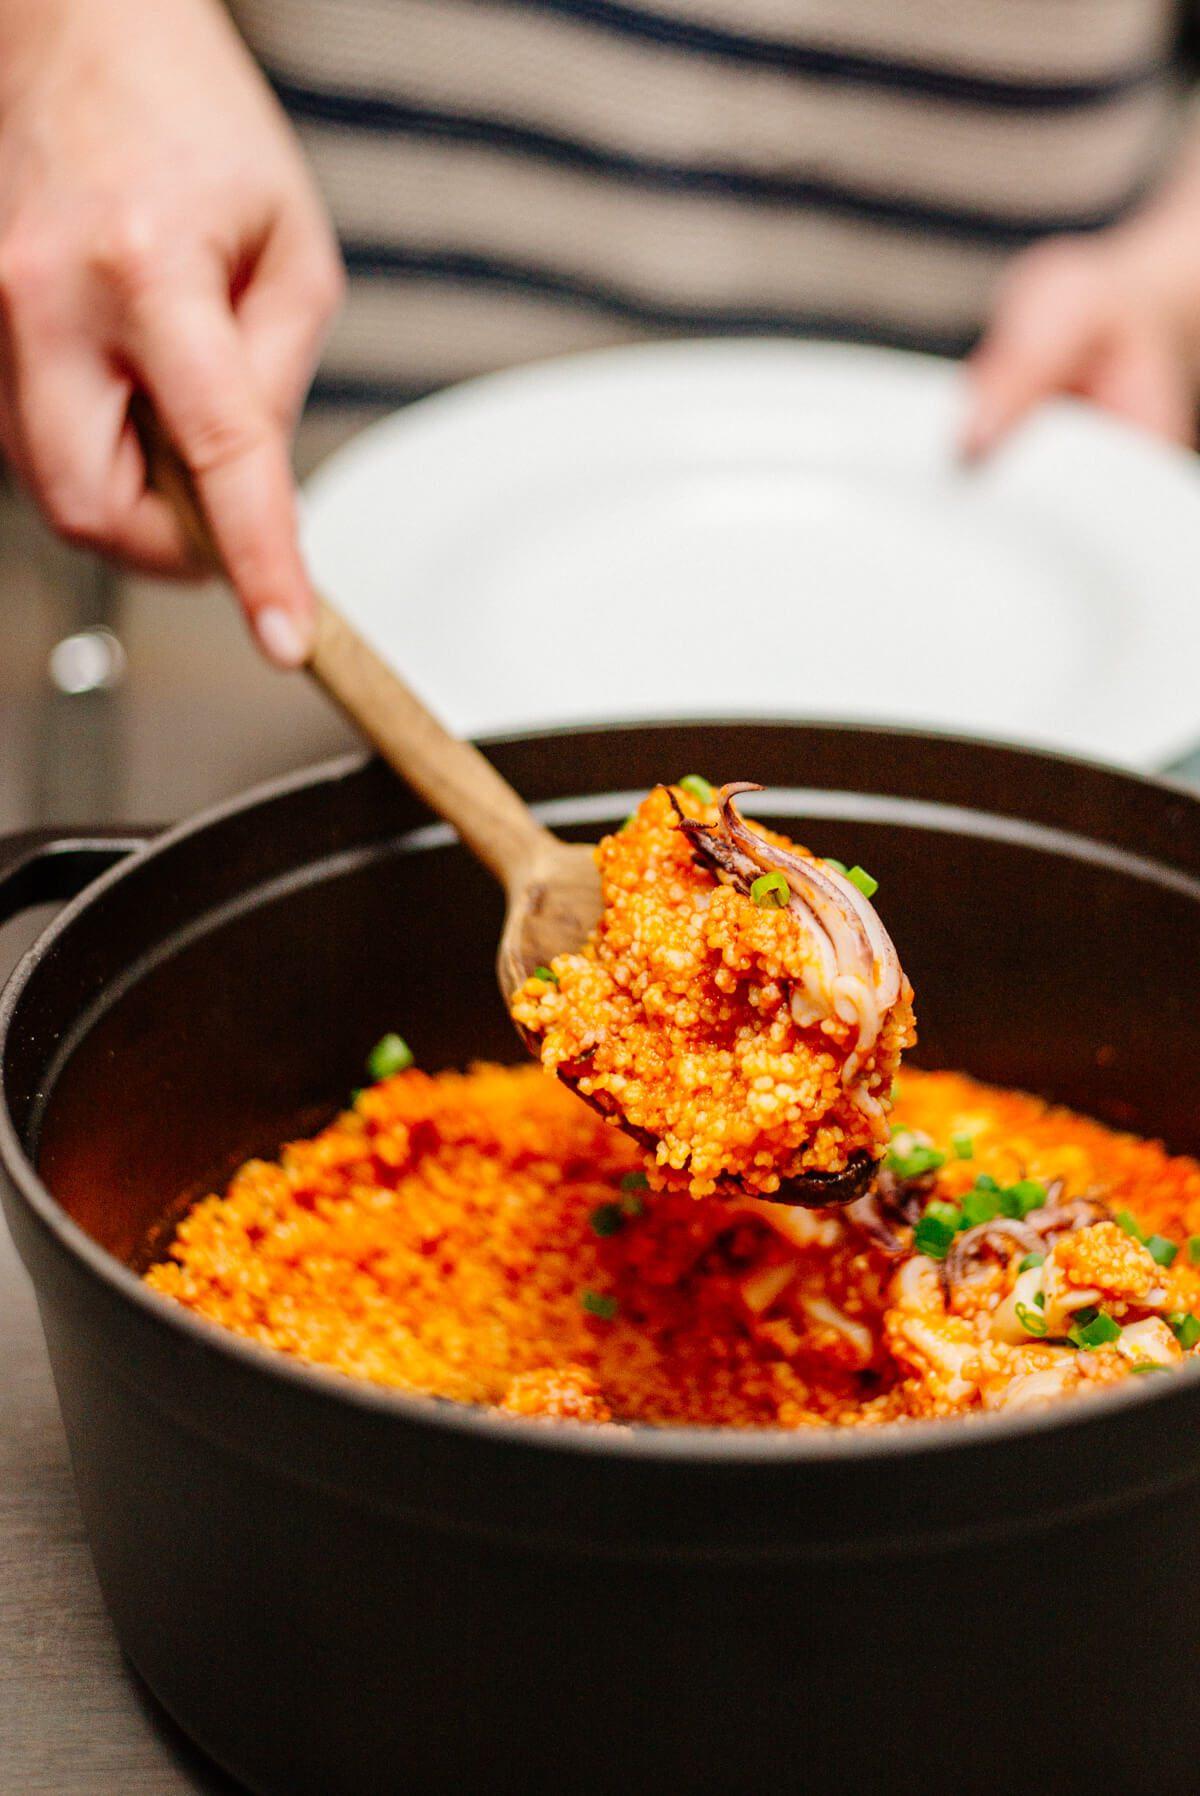 Serving up Calamari in spicy tomato sauce